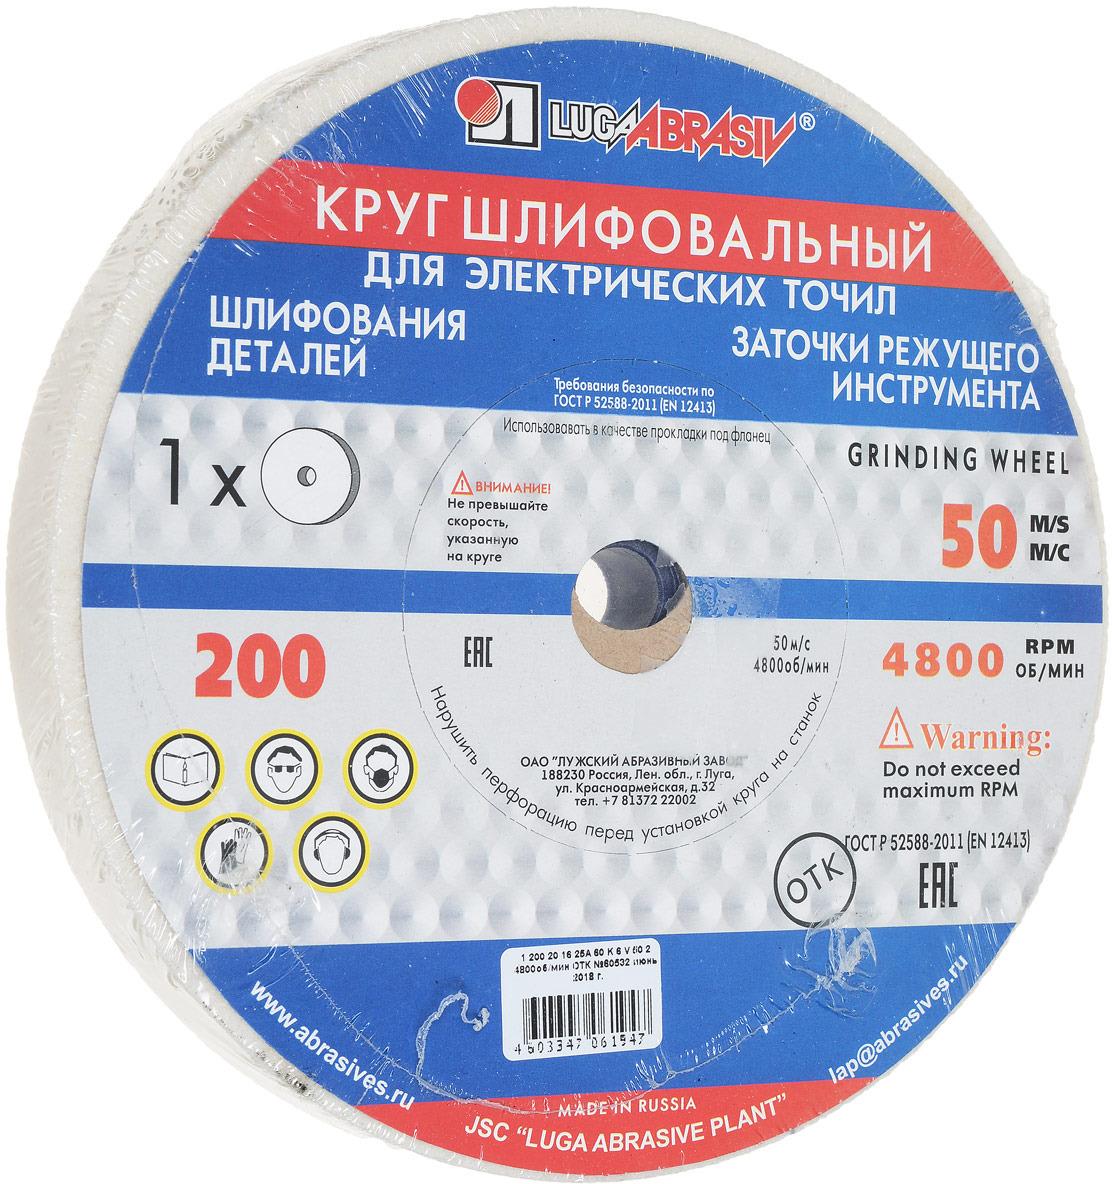 Круг шлифовальный, 25А, F60, (K, L), 200 х 20 х 16 мм73466Круг шлифовальный изготовлен из электрокорунда марки 25А на керамической связке. Применяется на бытовых точилах и заточных станках. Предназначен для обдирки металлических деталей и заточки режущего инструмента.